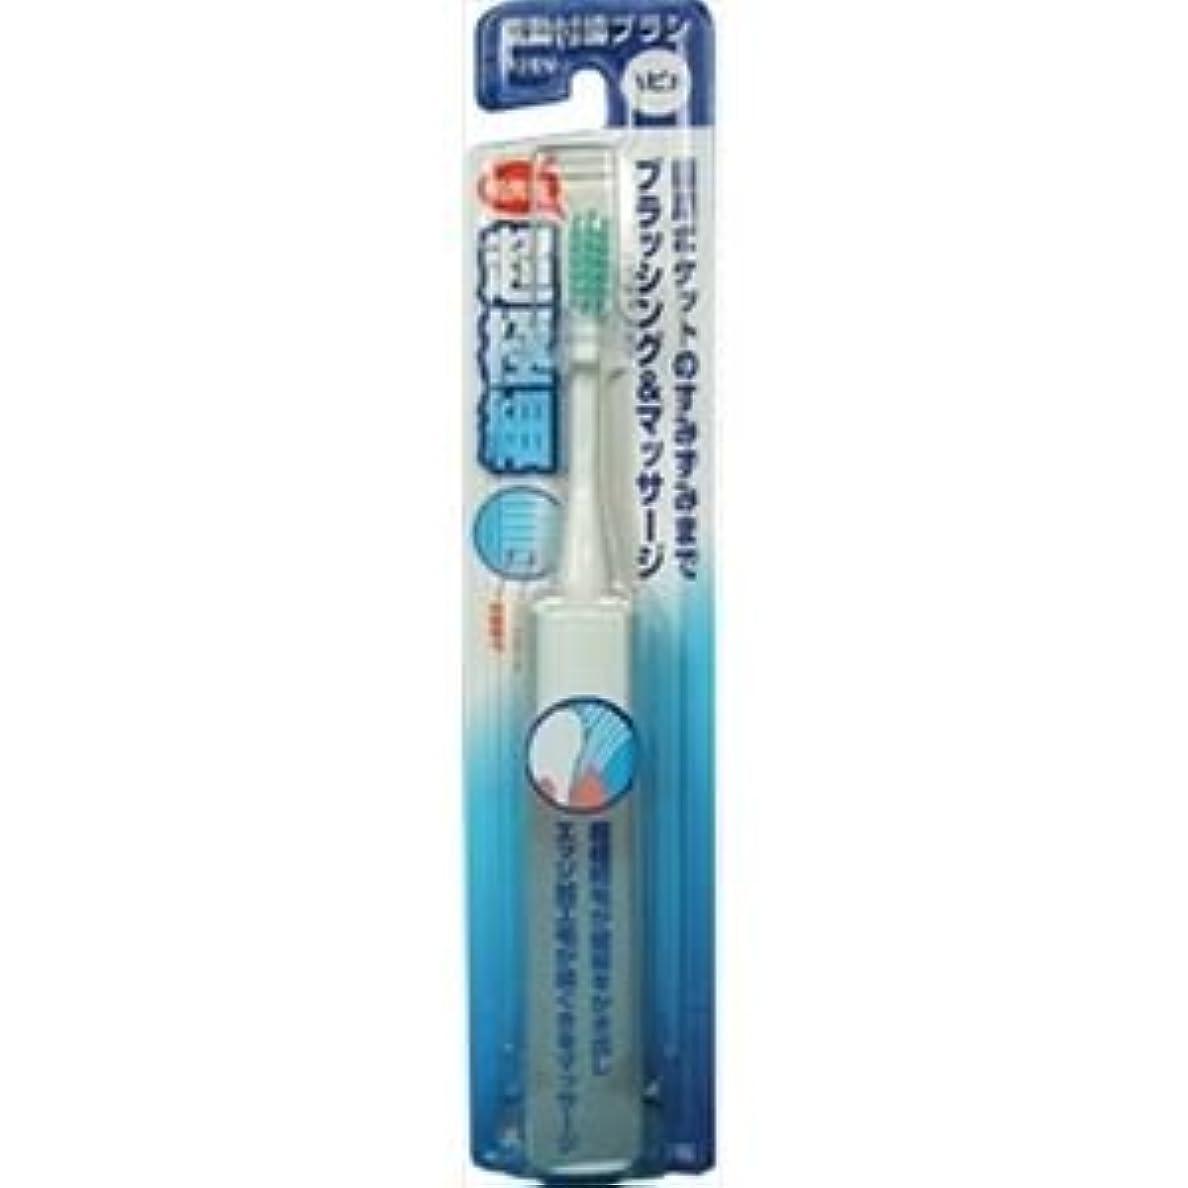 サポート自分自身理容師(まとめ)ミニマムハピカ電動歯ブラシ超極細DBF-1W 【×3点セット】